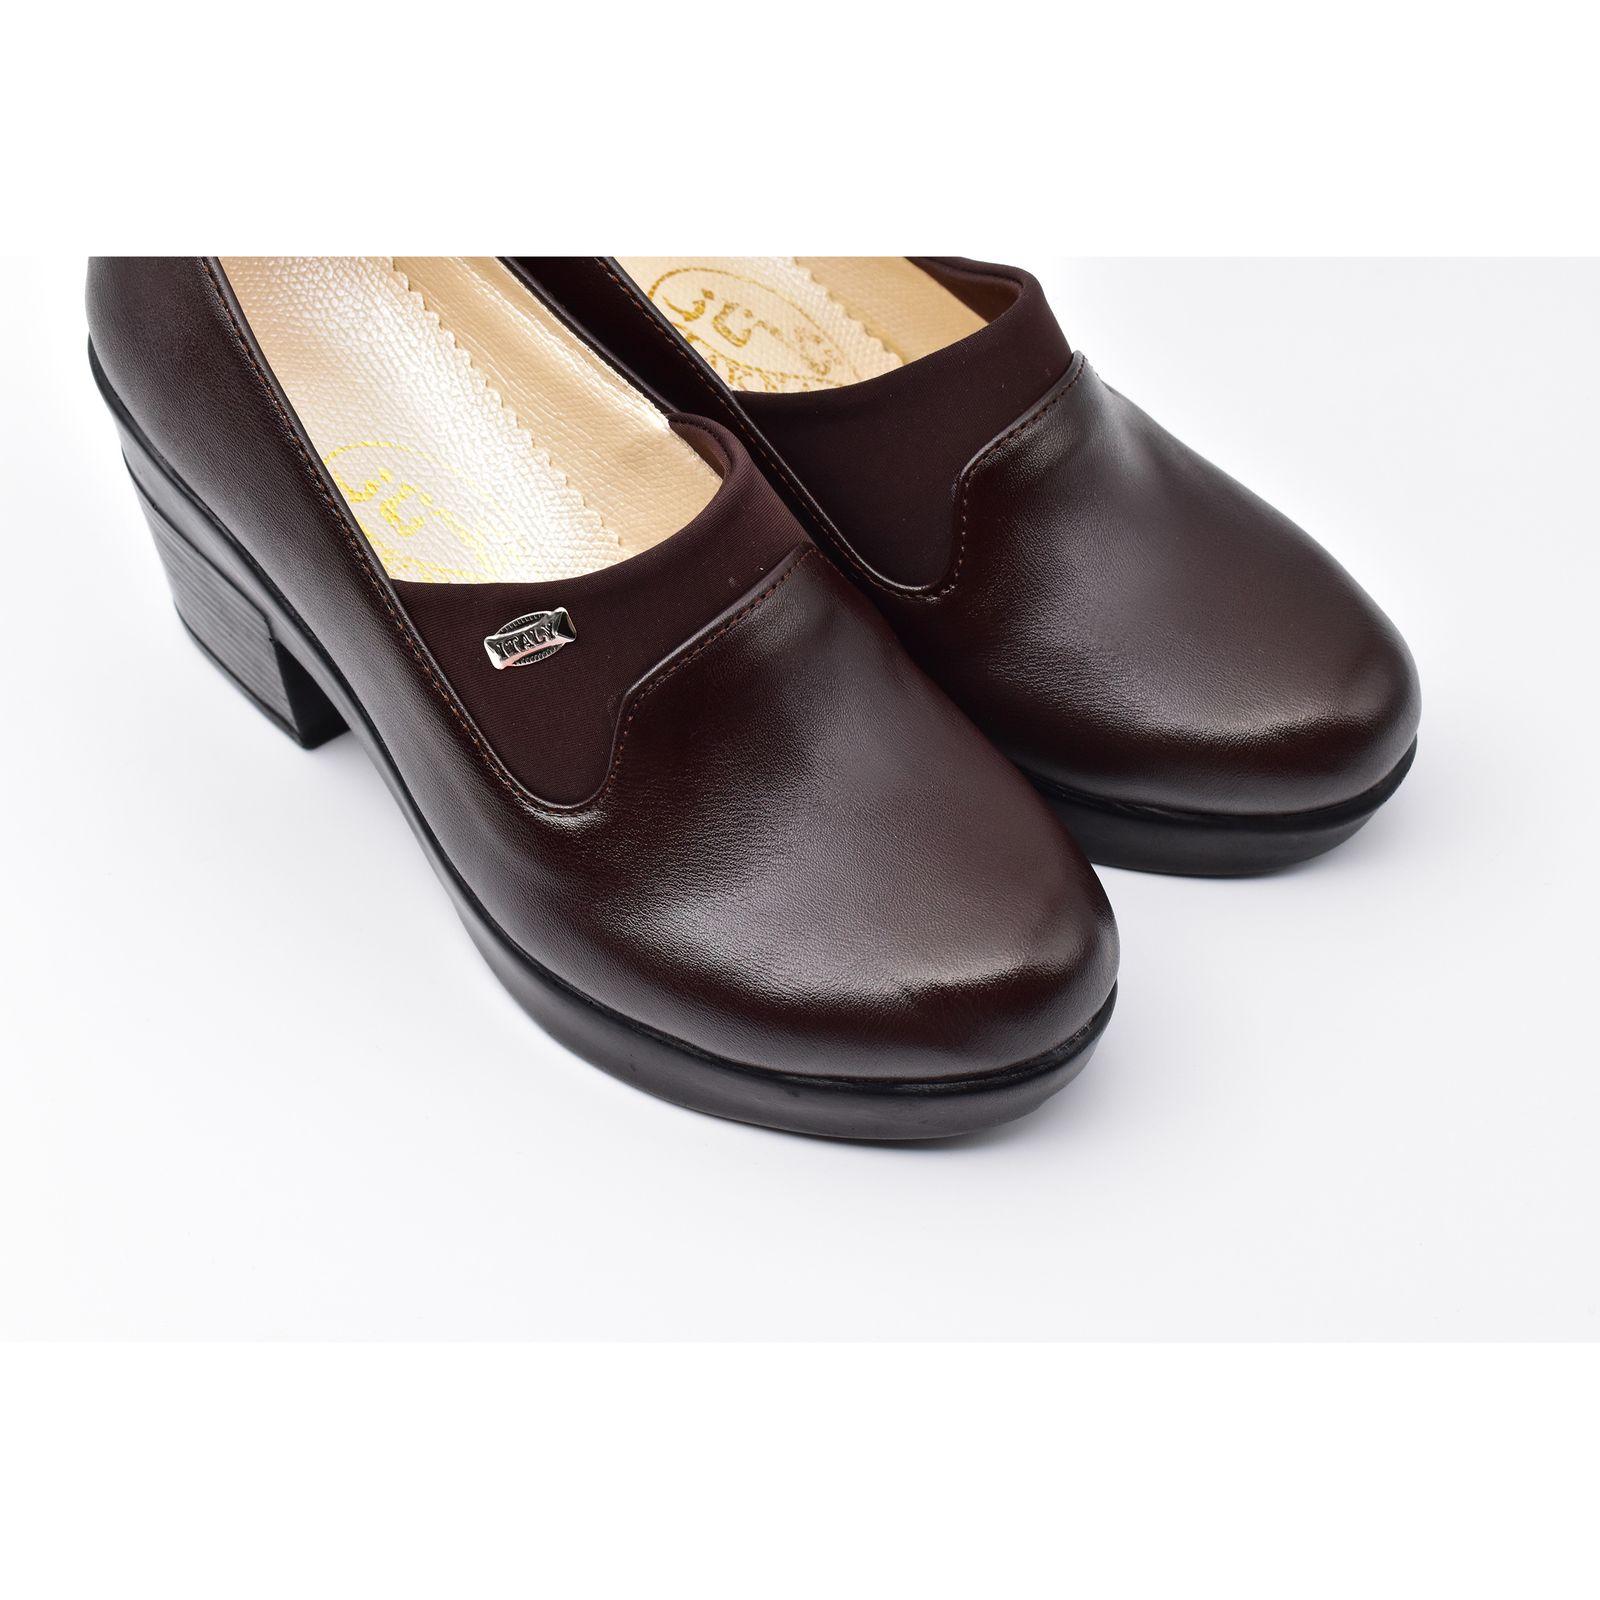 کفش زنانه مدل سحر کد 6975 -  - 2